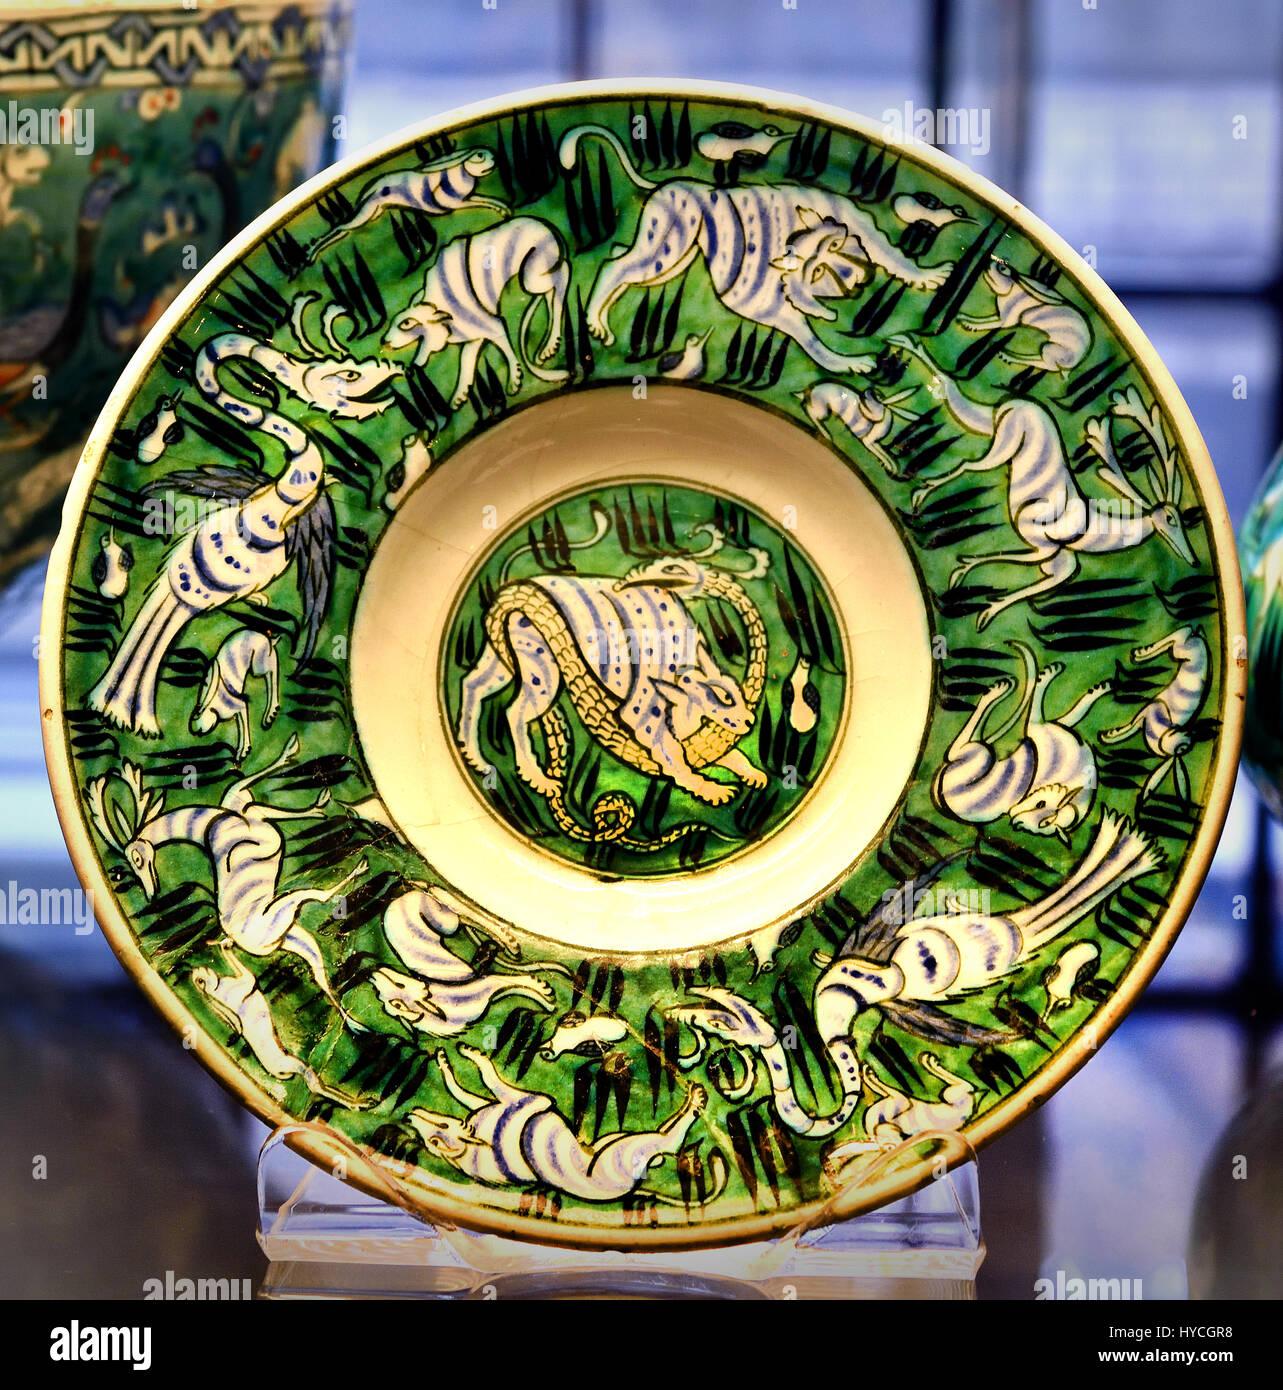 Plat à décor avec du vrai et créatures fantastiques dont un oiseau mythique iranien Simurgh ( ) dynastie ottomane Banque D'Images